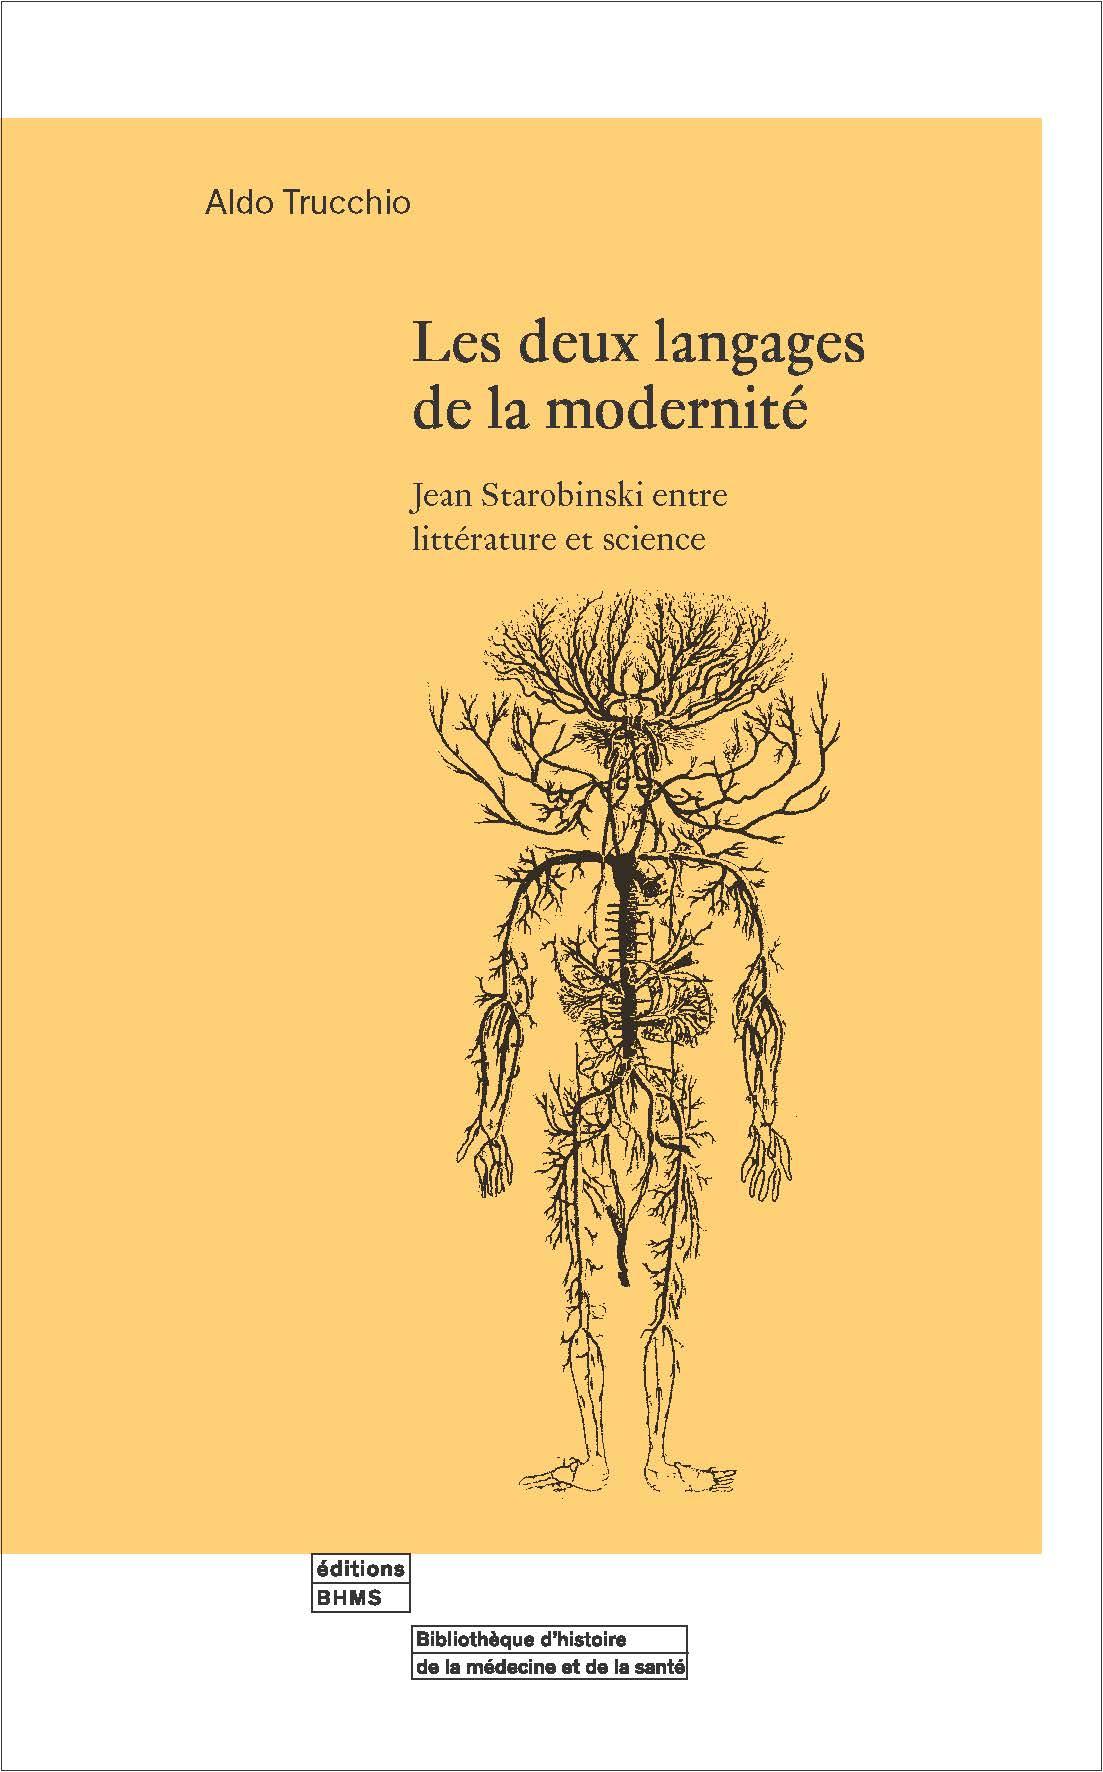 A. Trucchio, Les deux langages de la modernité. Jean Starobinksi entre littérature et science